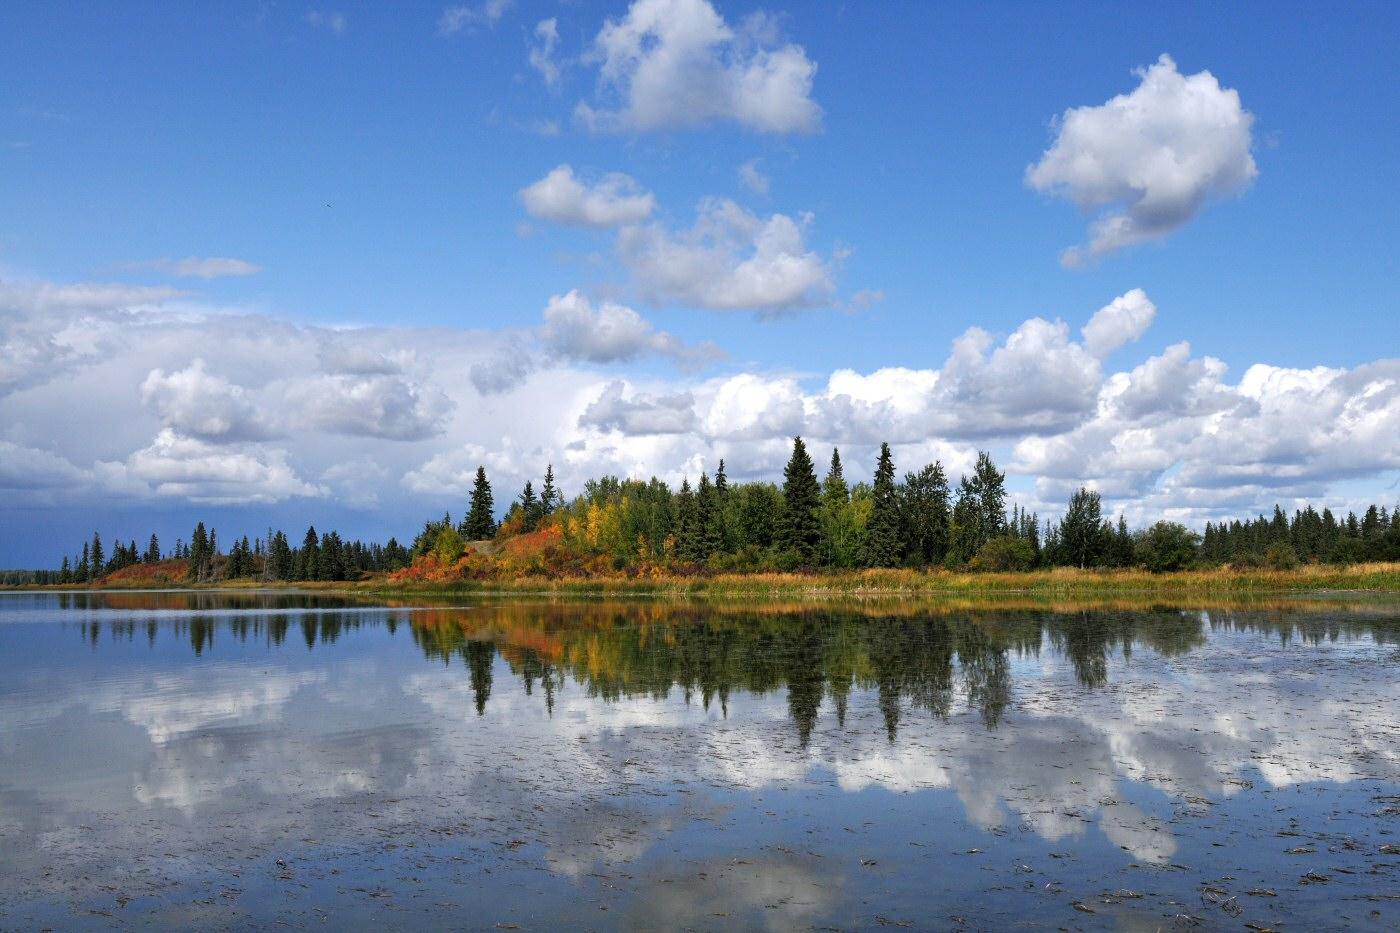 L ouest canadien vu par roland clerc les beaut s de montr al for Agence paysage de l ouest